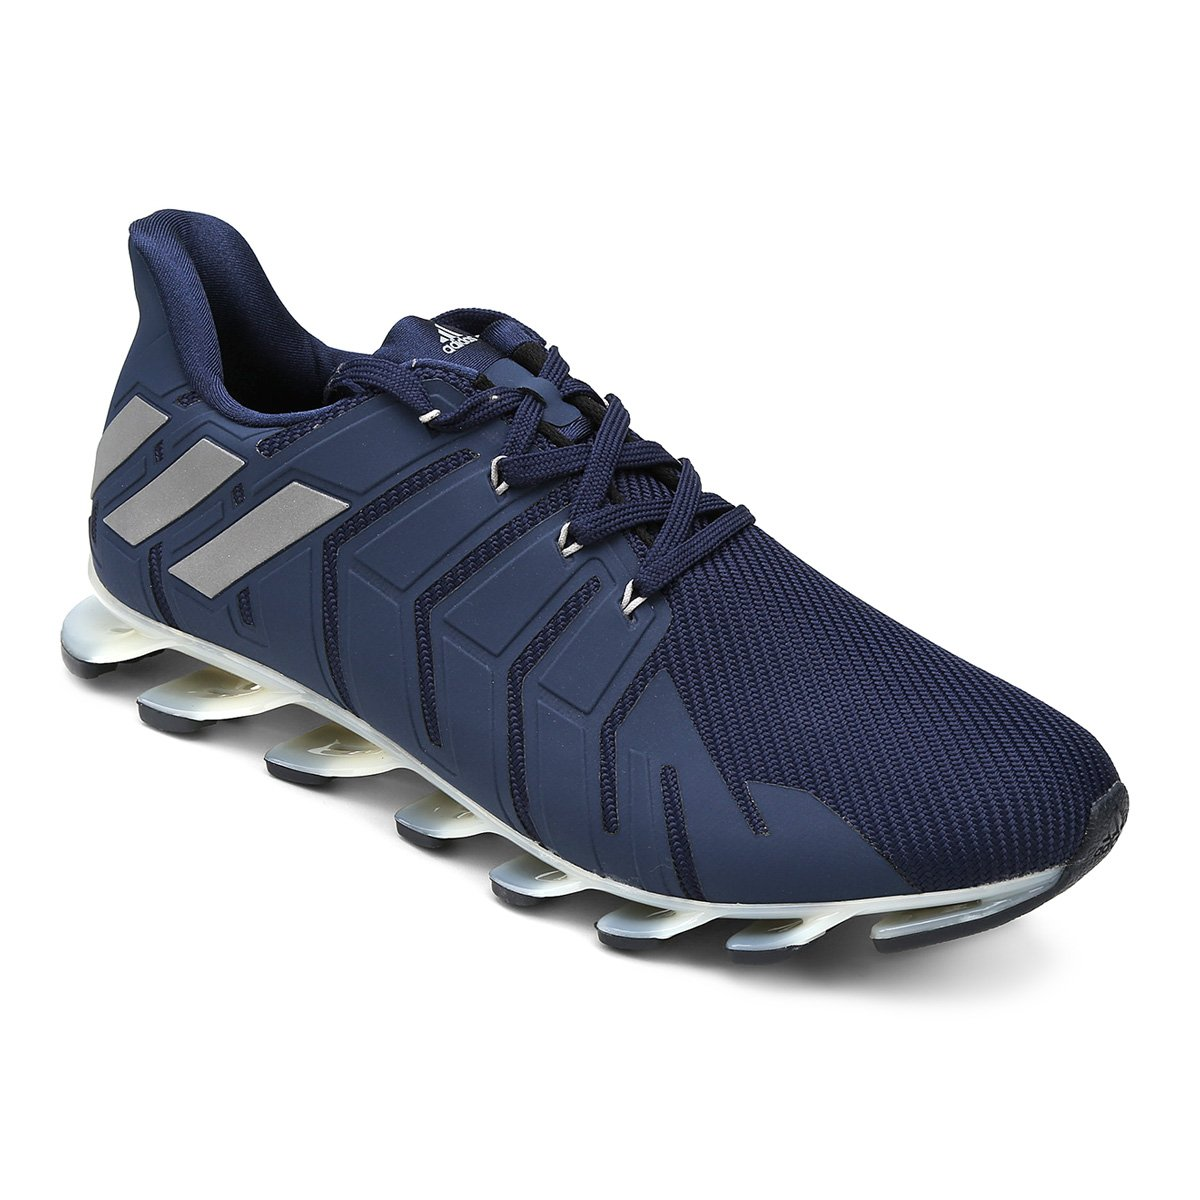 fd78e15ab40 Tênis Adidas Springblade Pro Masculino - Marinho e Branco - Compre Agora